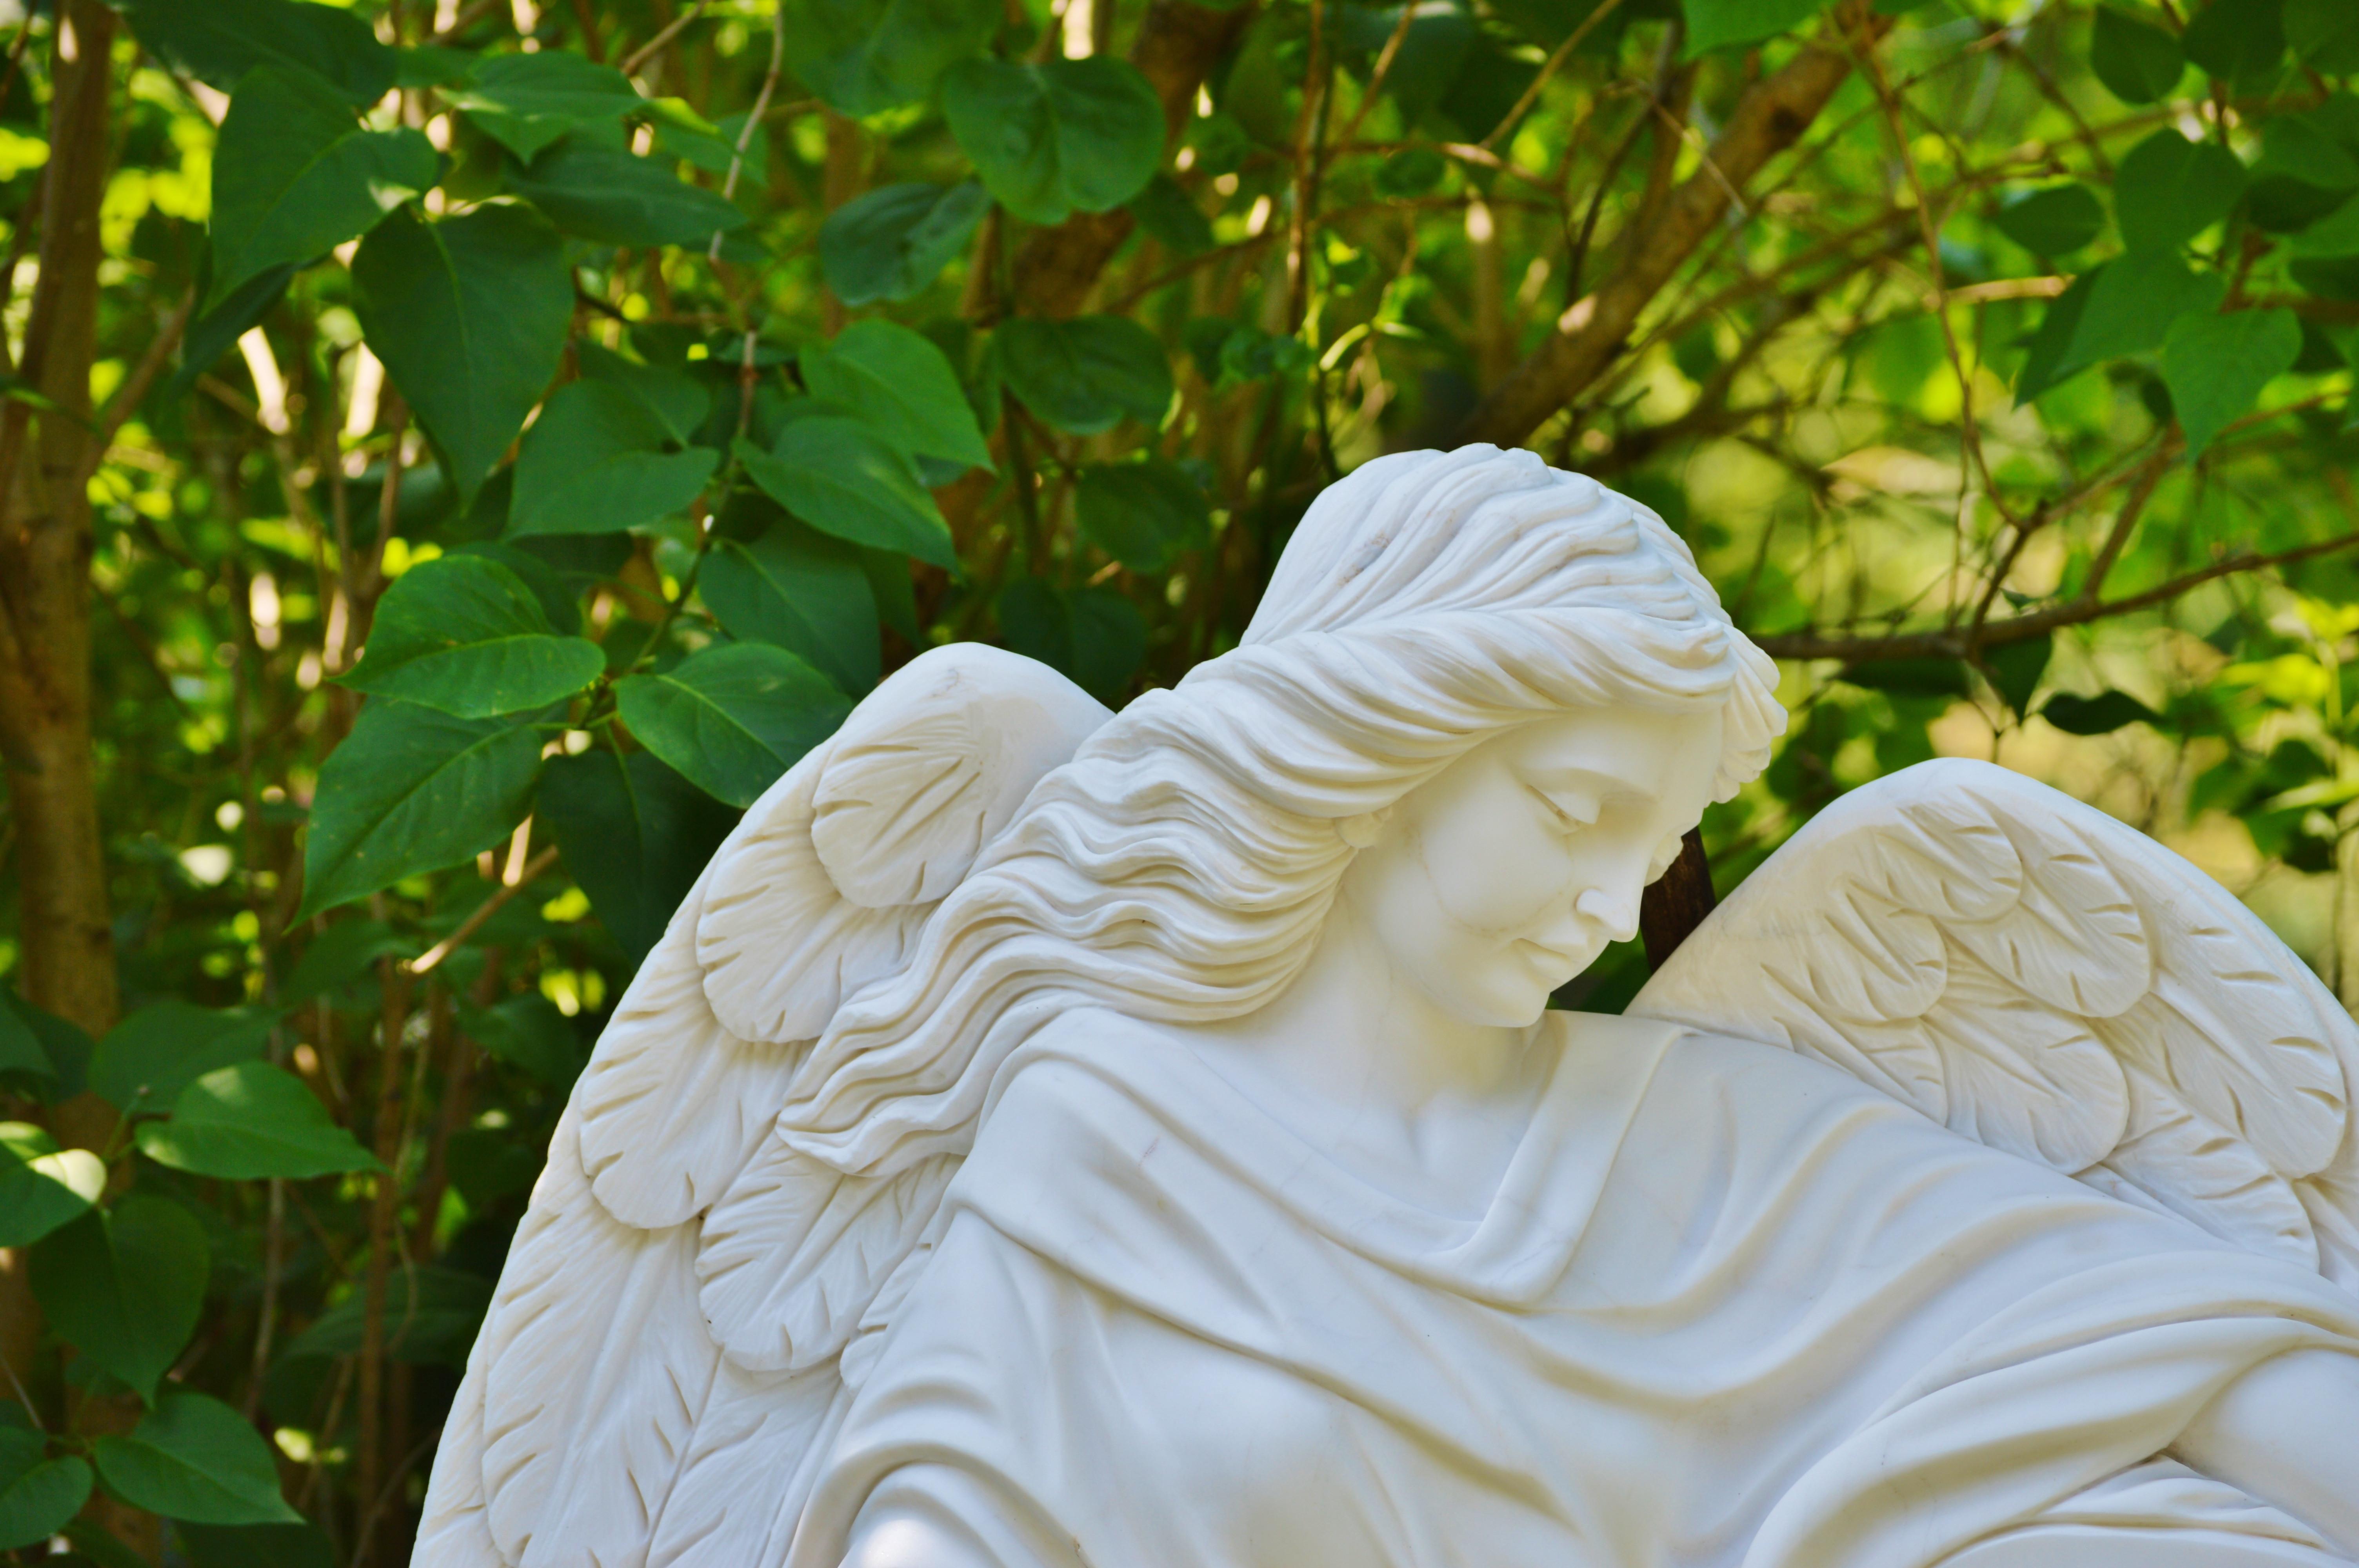 Archangel Readings